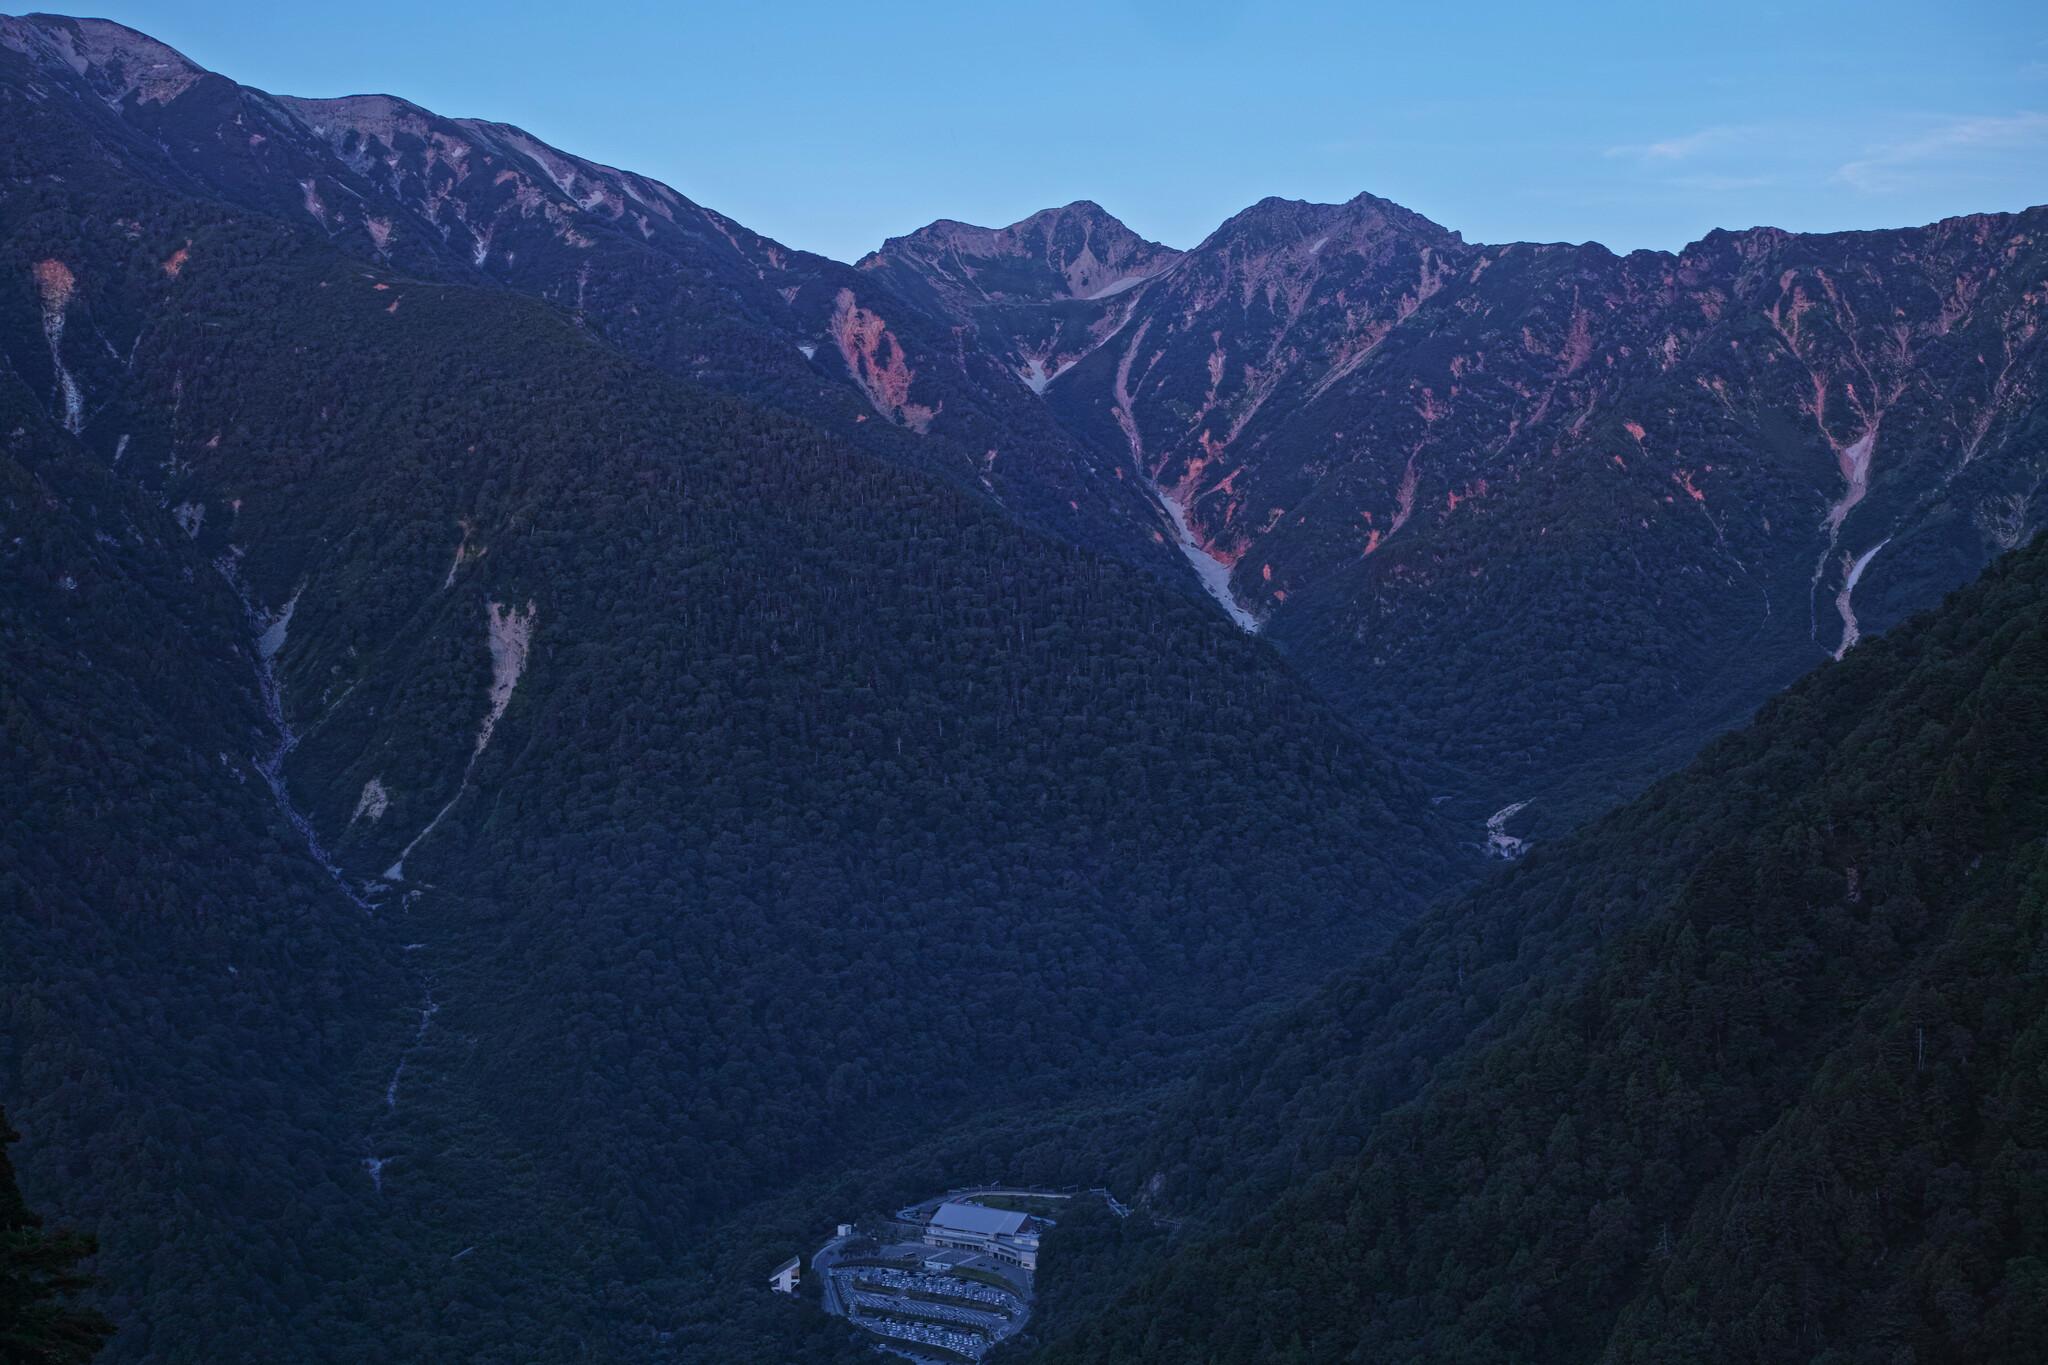 夜明けの針ノ木岳